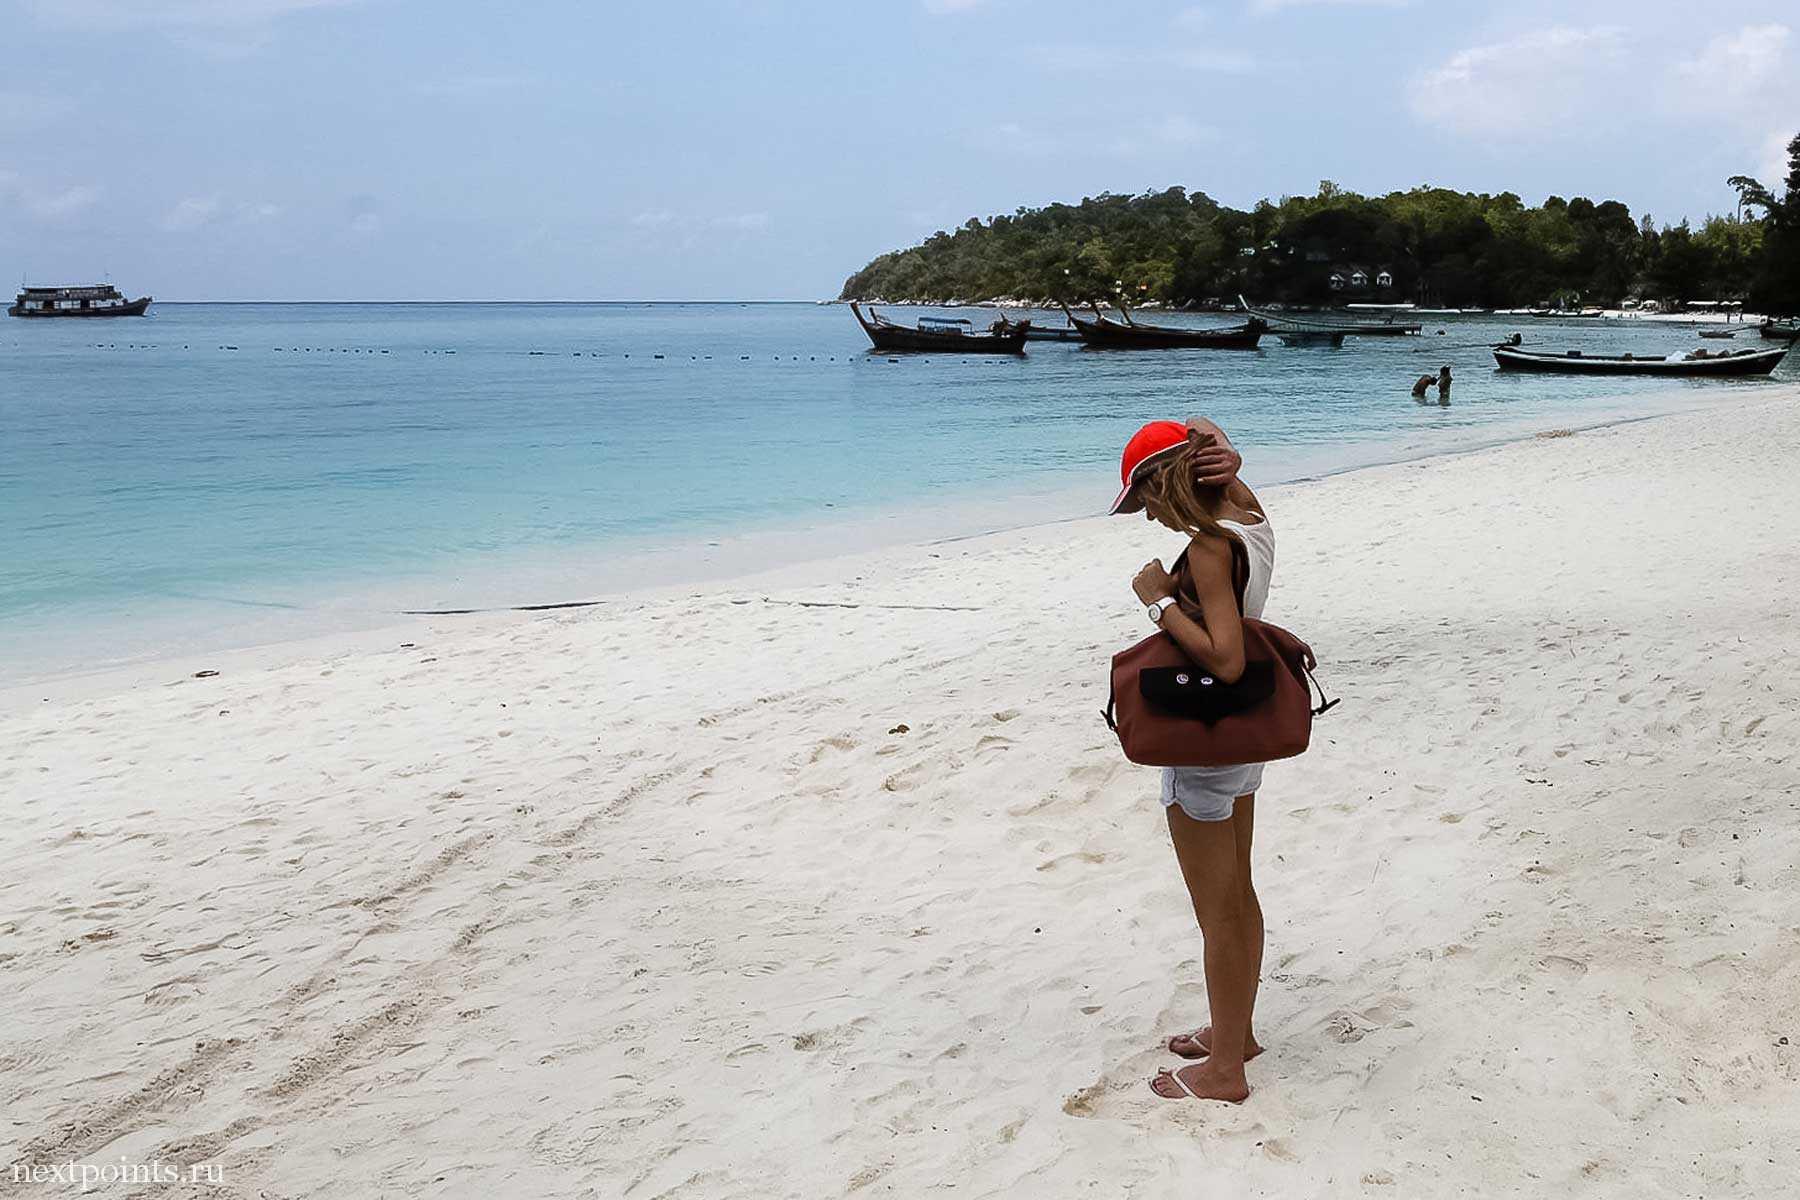 Глаза болят от песка на пляже Pattaya на острове Ко Липе (Koh Lipe) в Таиланде